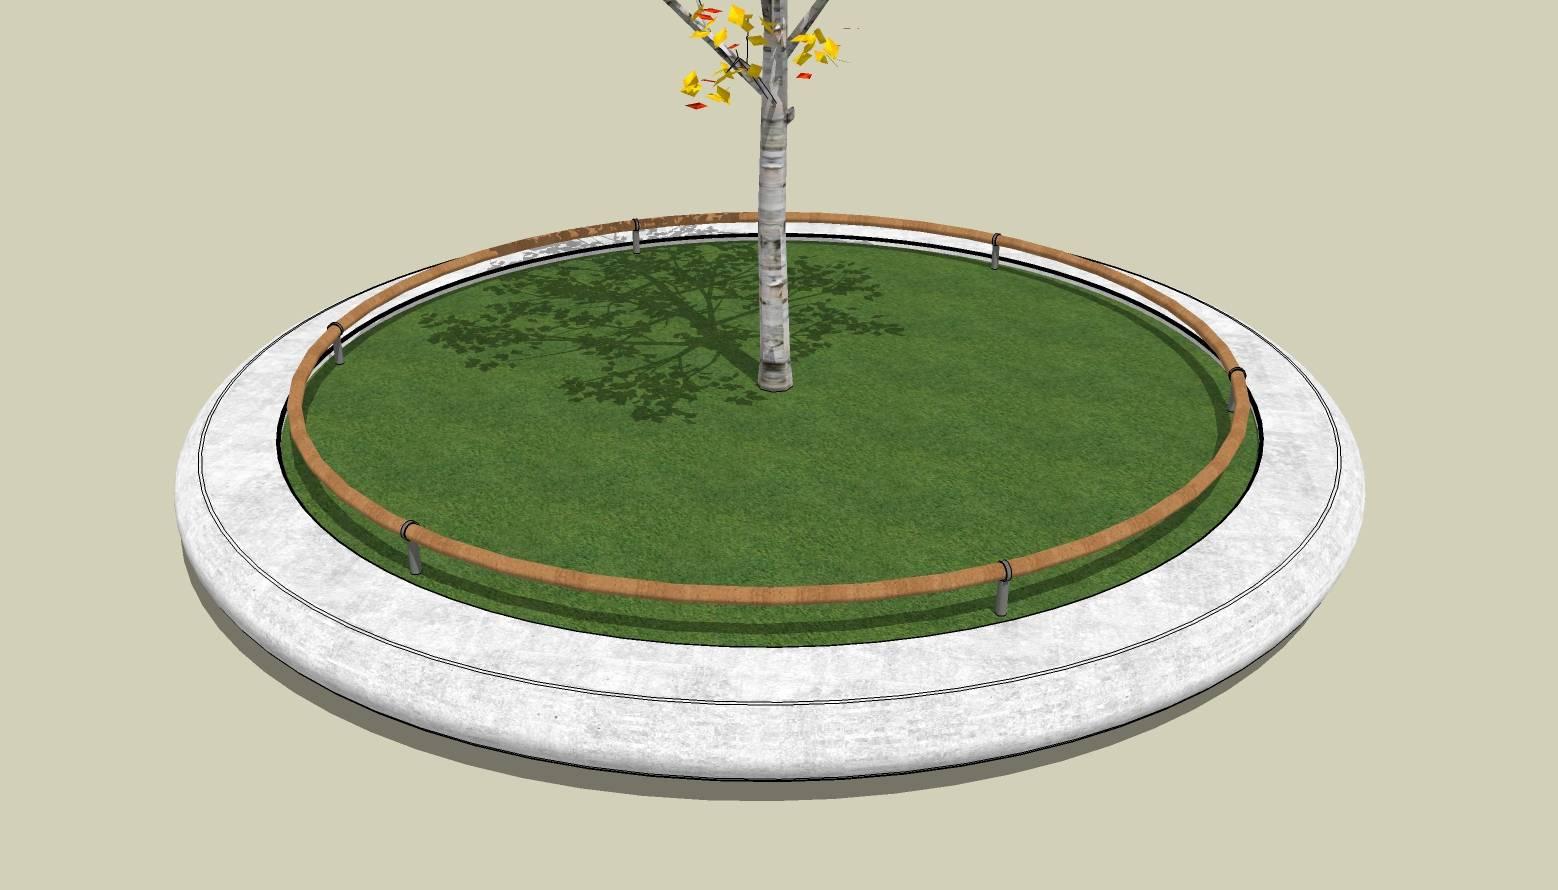 圆形树池  石树池  创意坐凳  长凳  广场 公园 公共空间